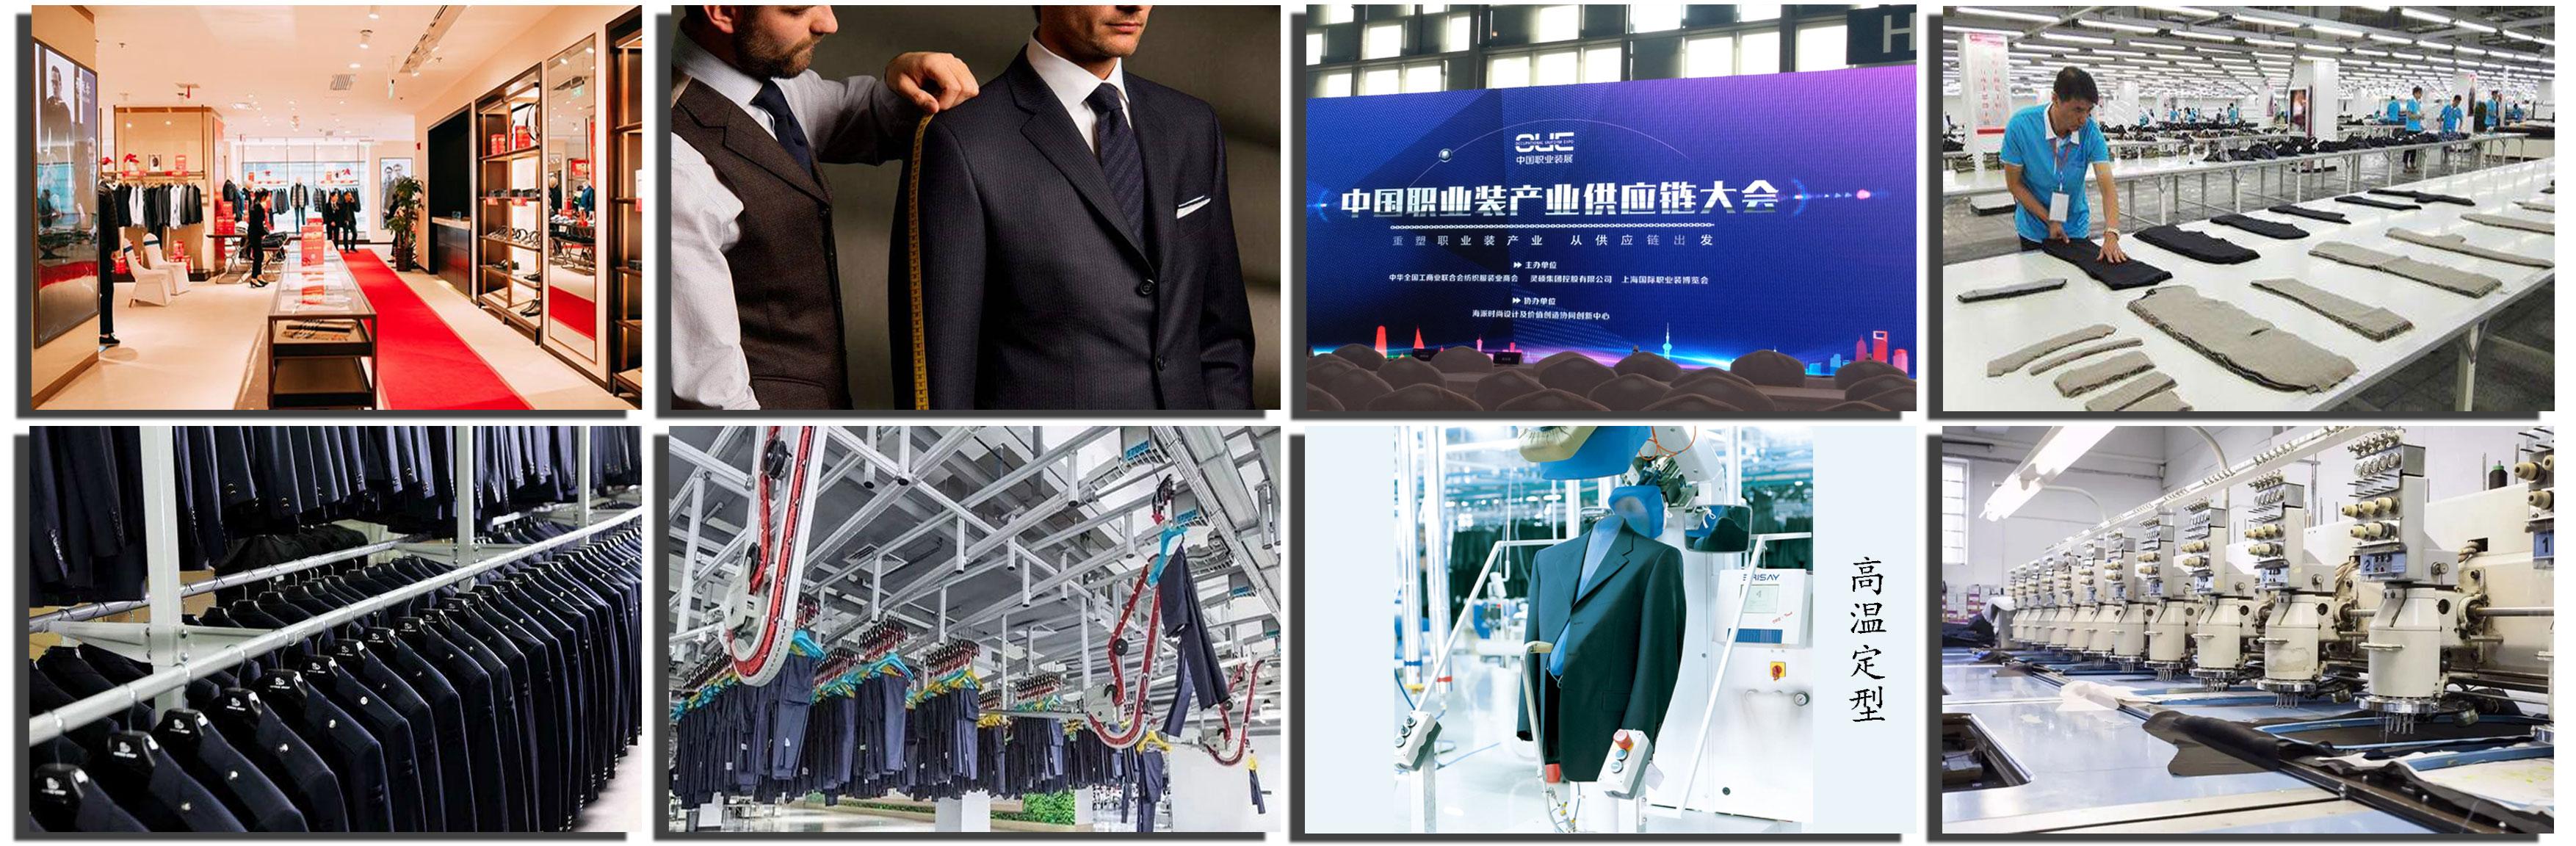 北京西服定製品牌---最新送体验金网站